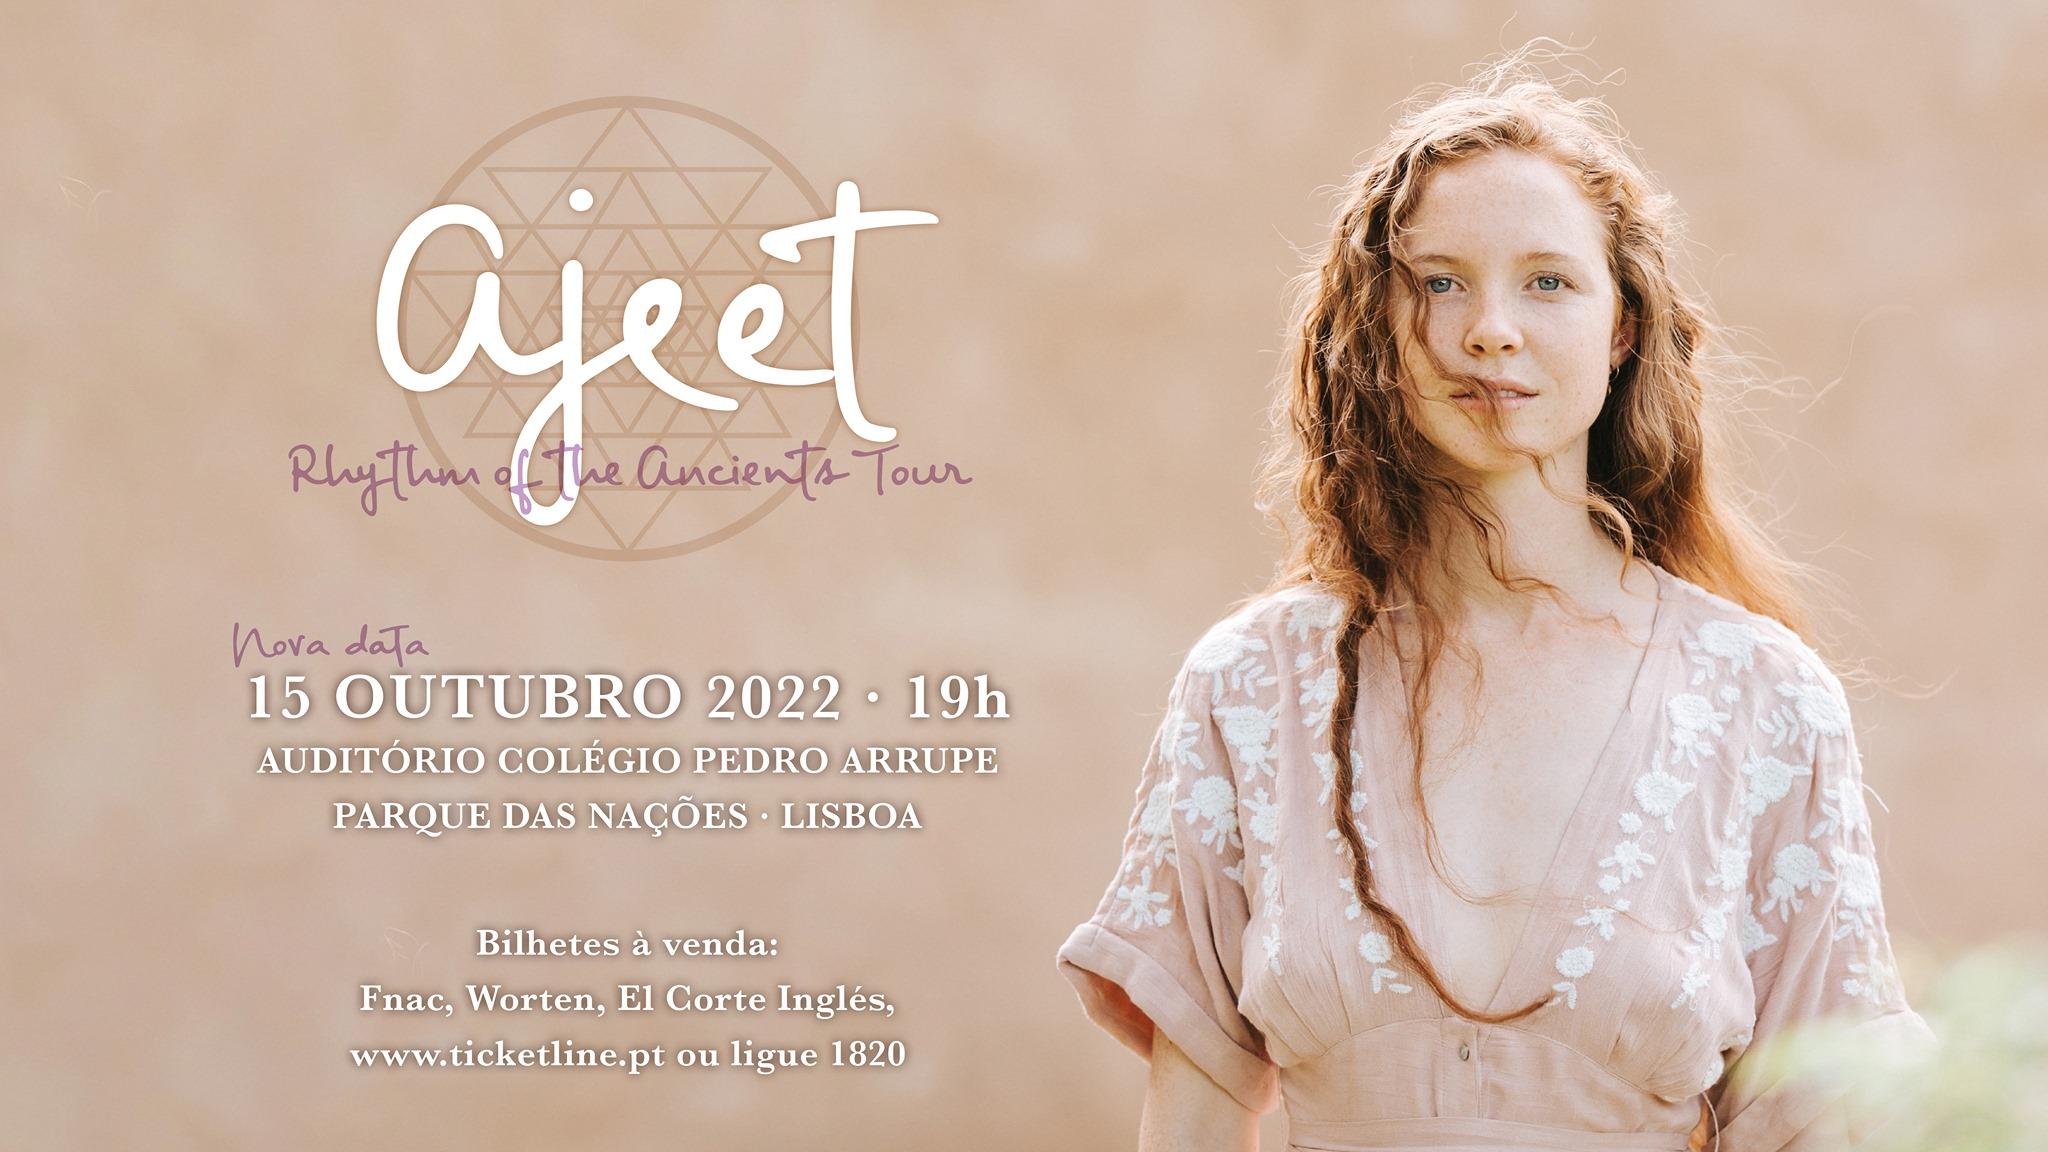 Ajeet Live in Lisboa 2022